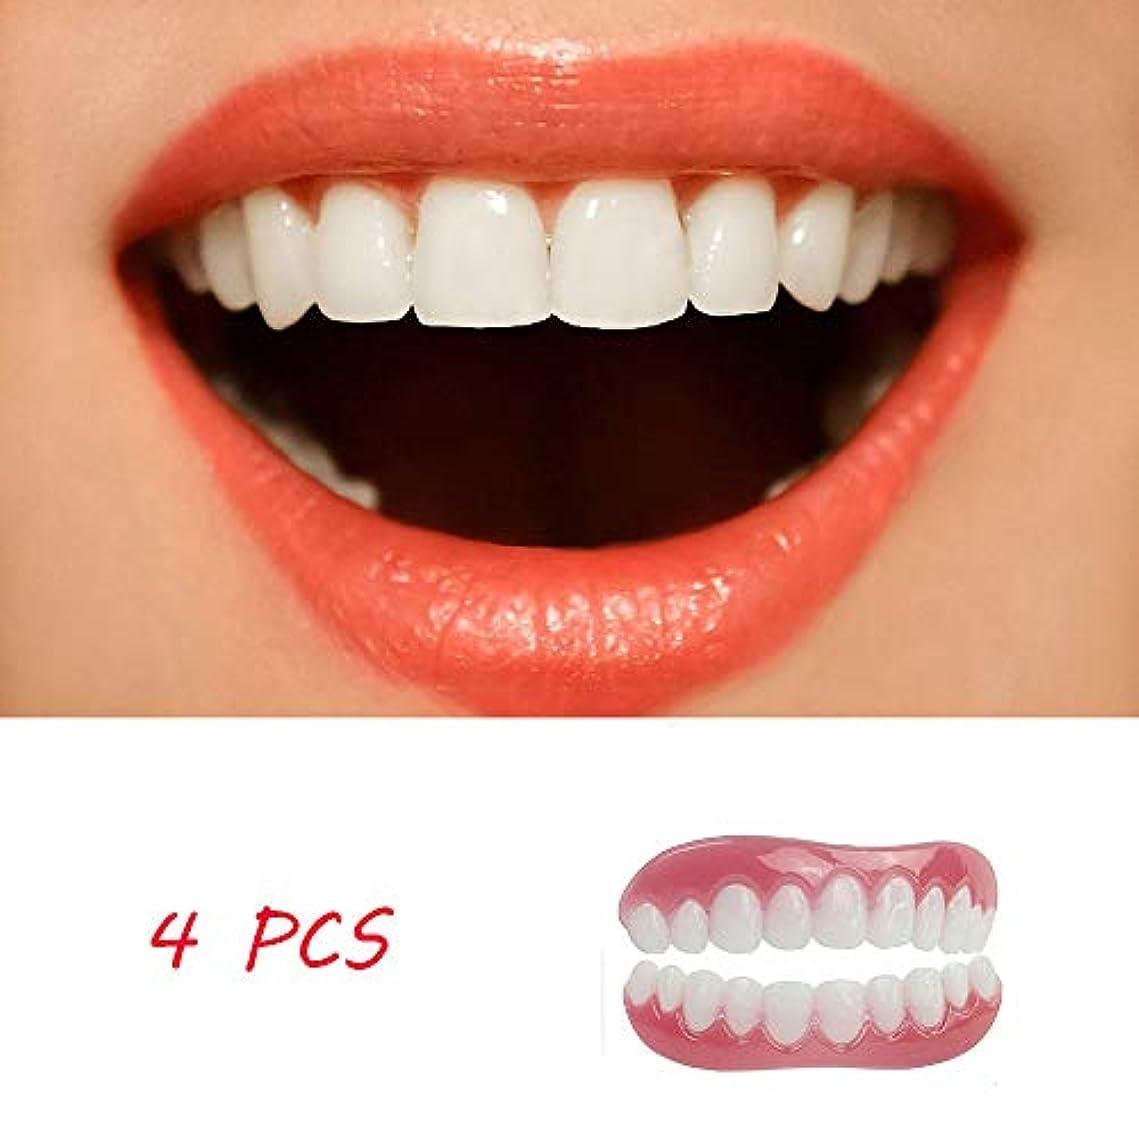 代わりにを立てる特別に法廷新しい4ピースホワイトニング歯の快適さ柔らかい化粧品の歯一時的な笑顔のベニヤ歯科用化粧のベニヤ歯科用カバー美容ツール(上+下)